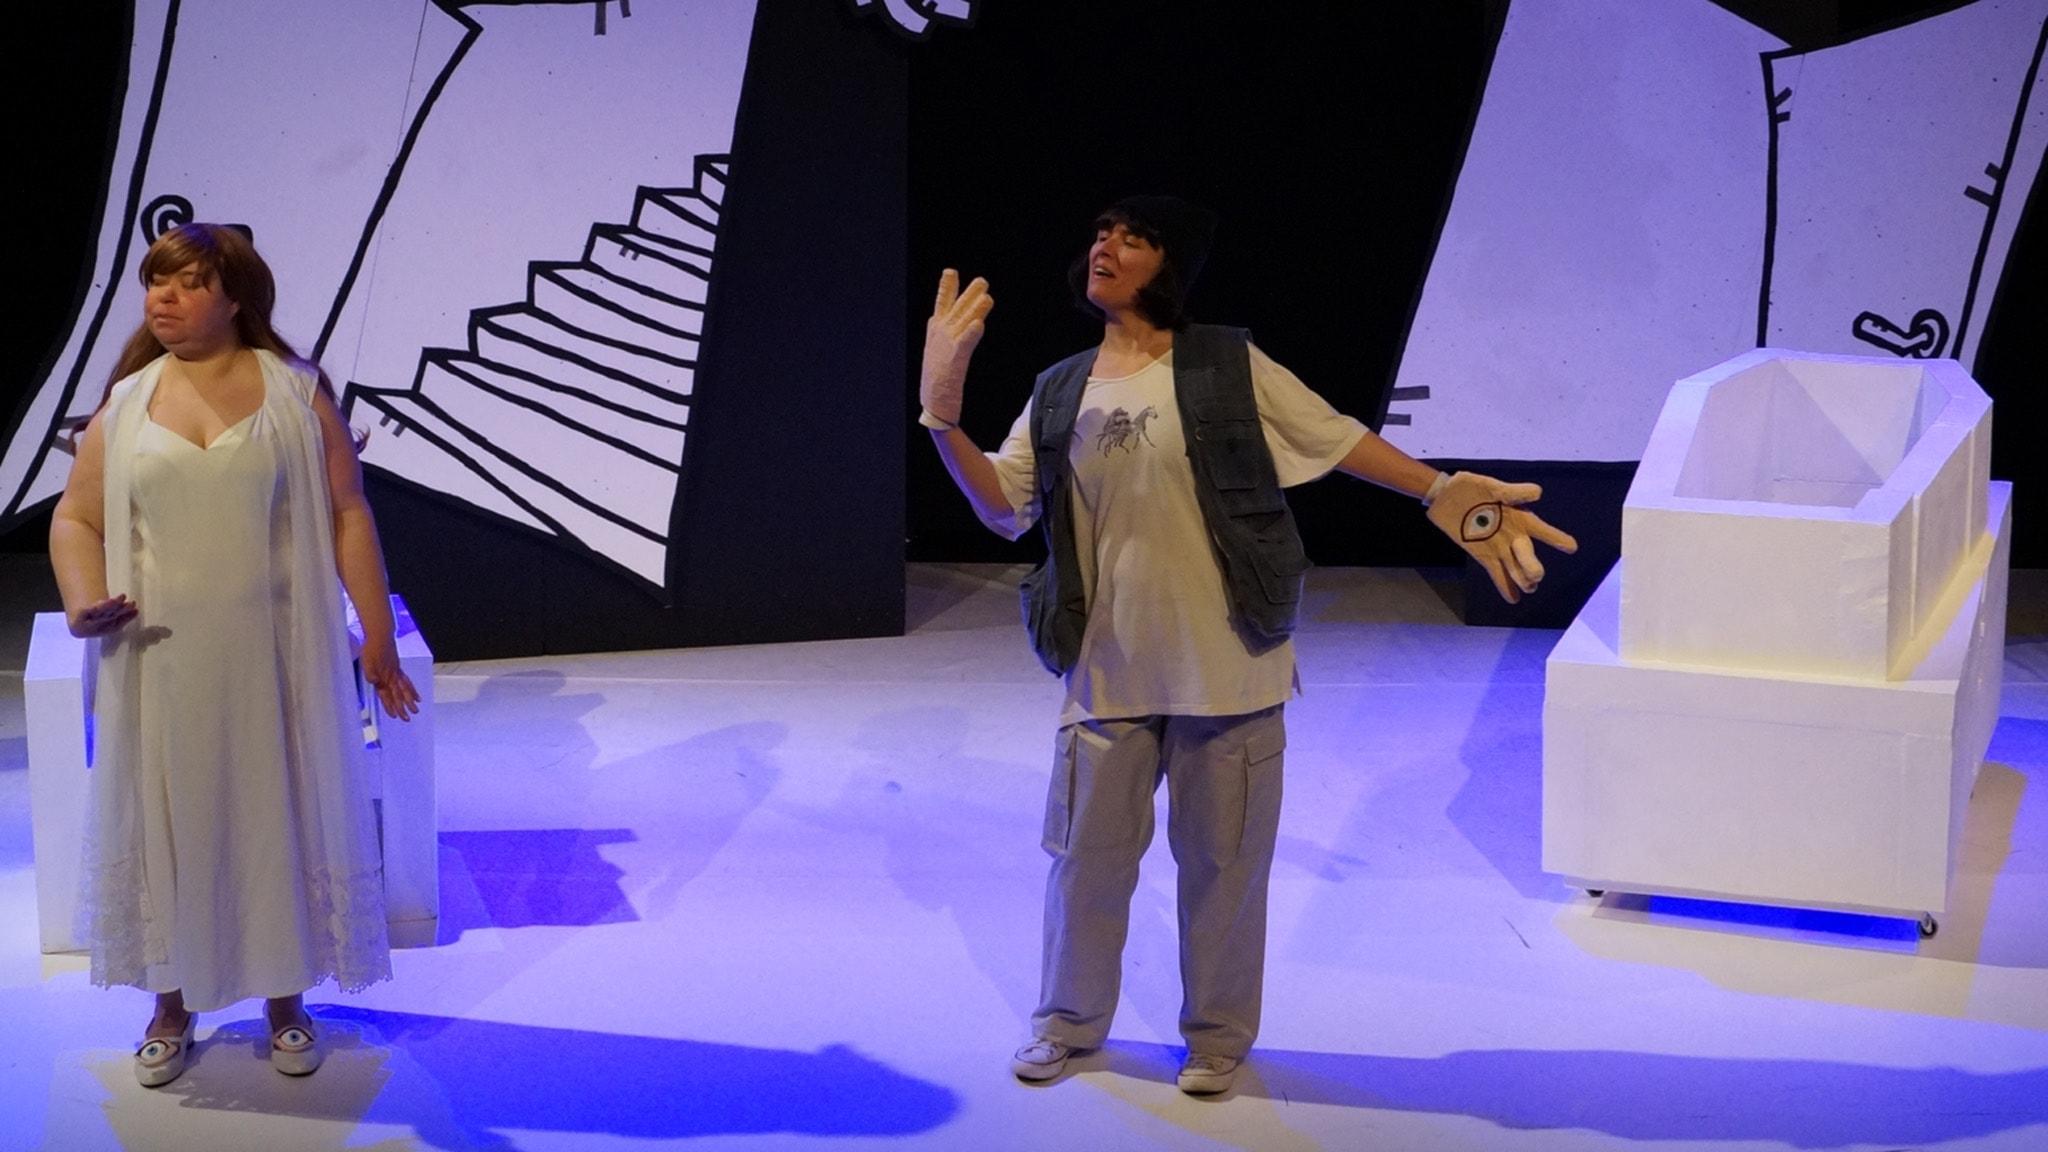 Teaterpjäs om kärlek och funktionsnedsättning ska visas i riksdagen, för få utbildade speciallärare i särskolan